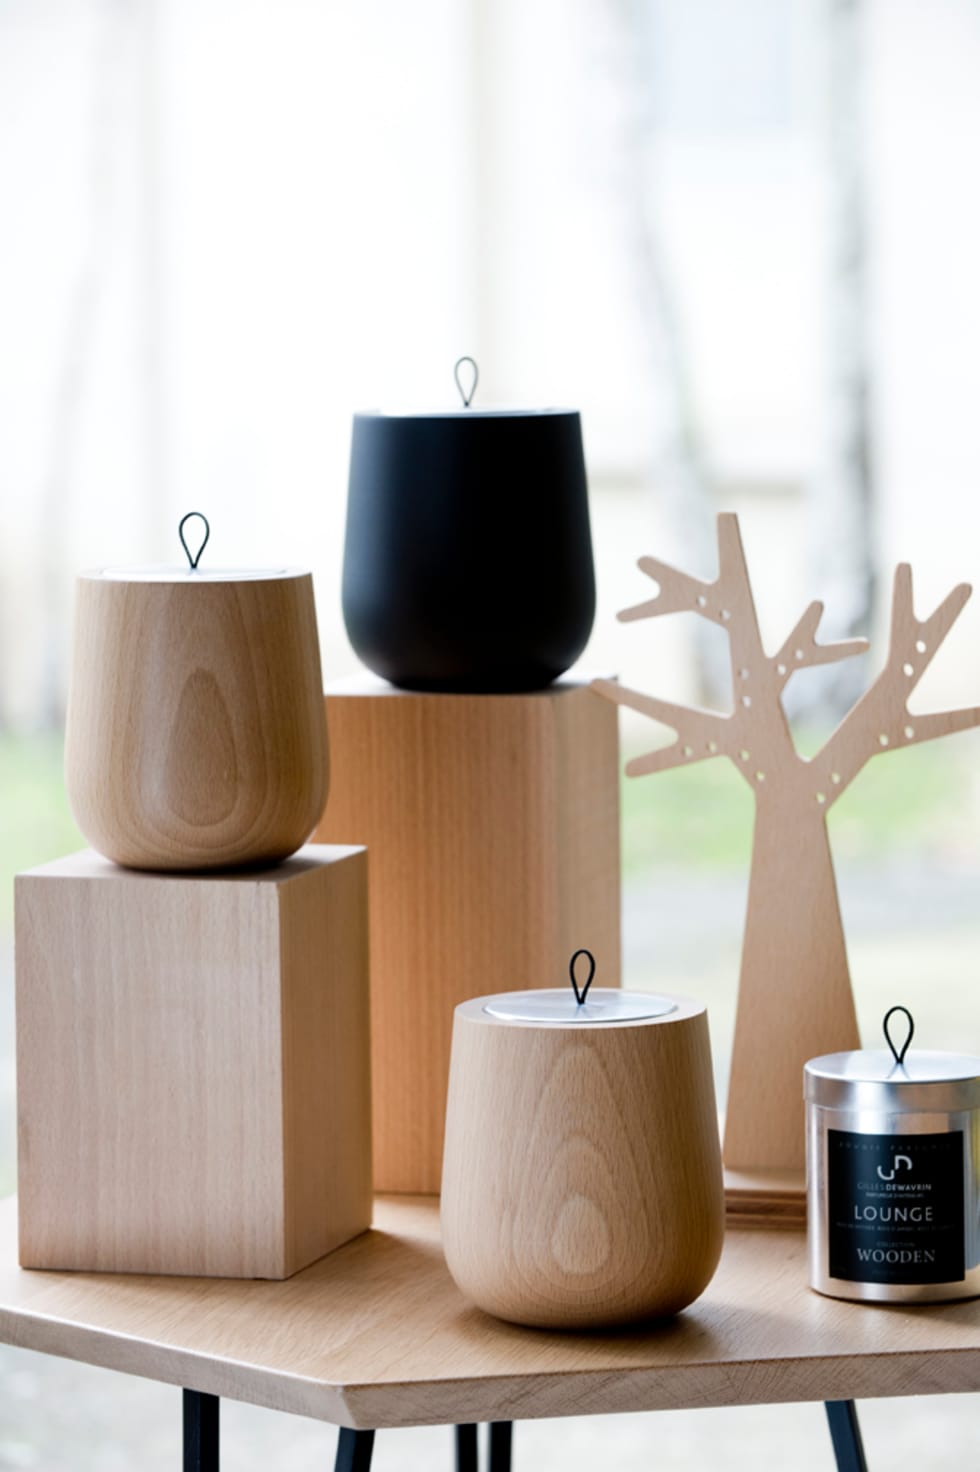 Photos de maison de style wooden la bougie parfum e sur homify - La maison de la bougie ...